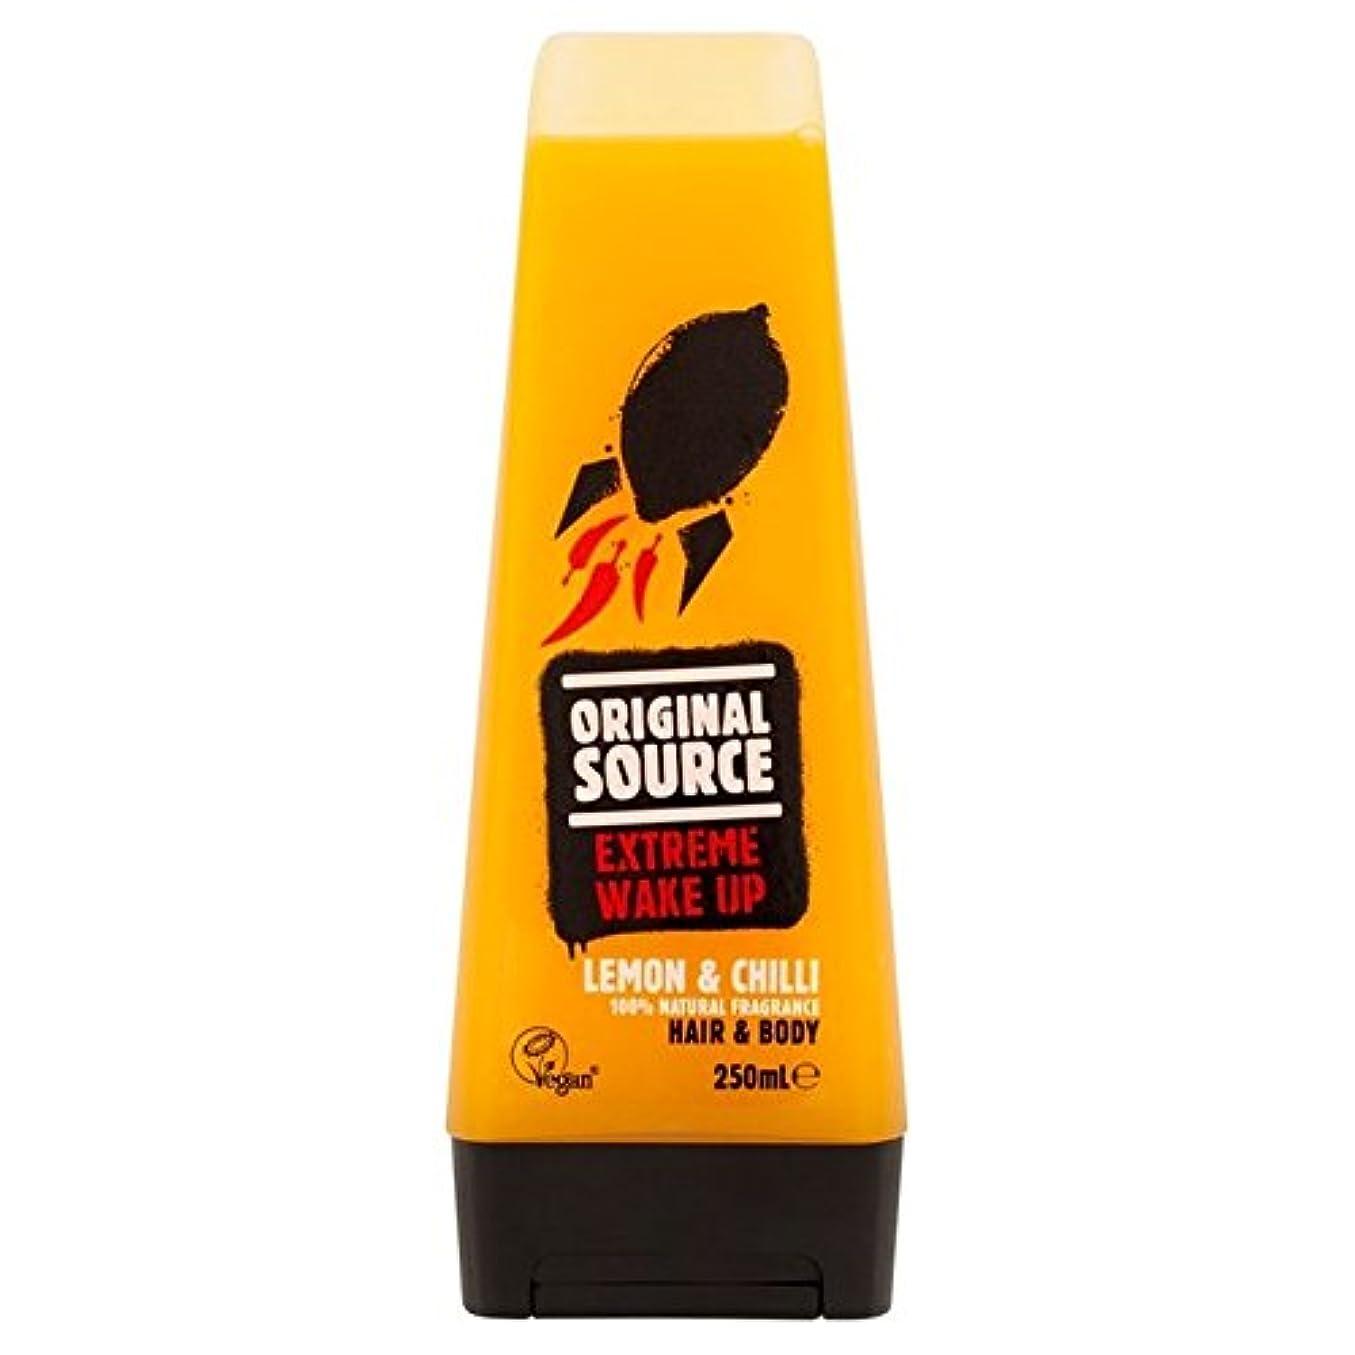 物理学者環境アイロニーOriginal Source Mens Lemon & Chilli Hair & Body Shower Gel 250ml - 元のソースは、レモン&チリヘア&ボディシャワージェル250ミリリットルメンズ [並行輸入品]